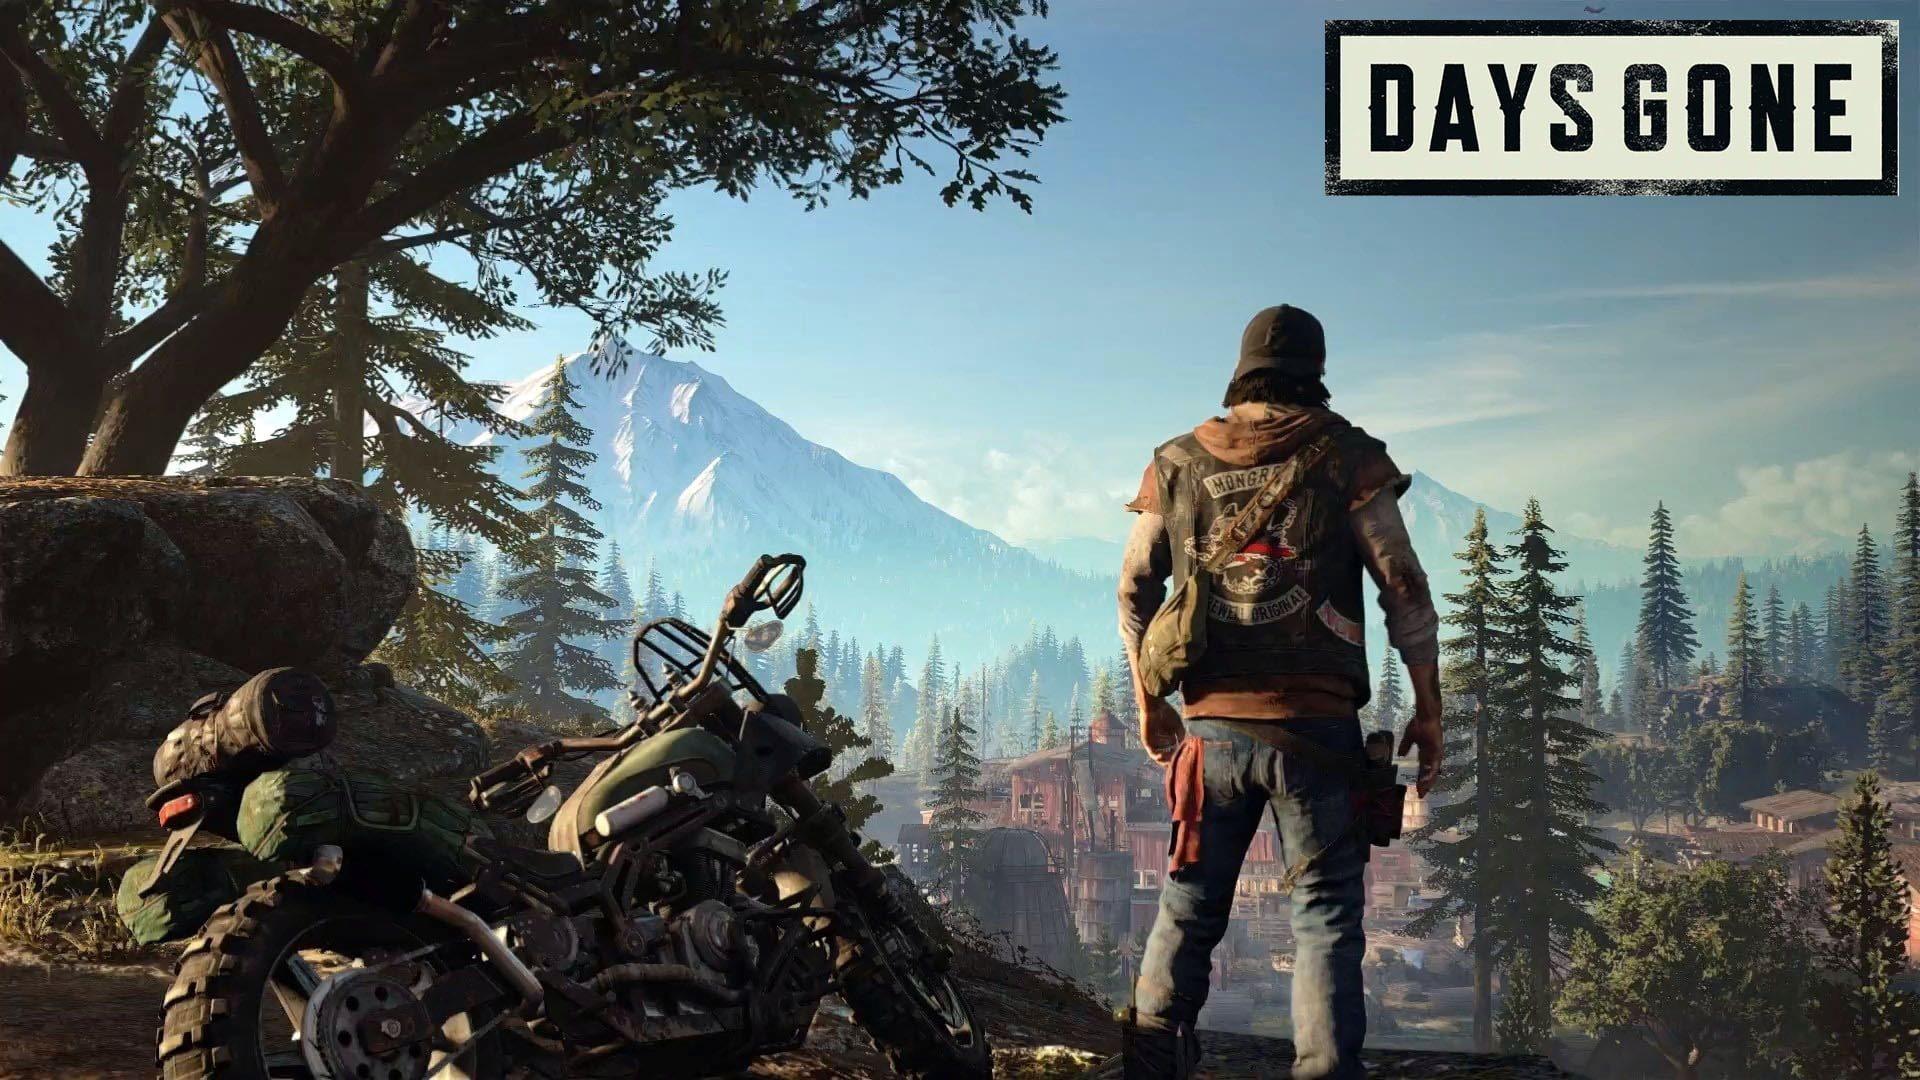 Days Gone; screenshot: wallpaper